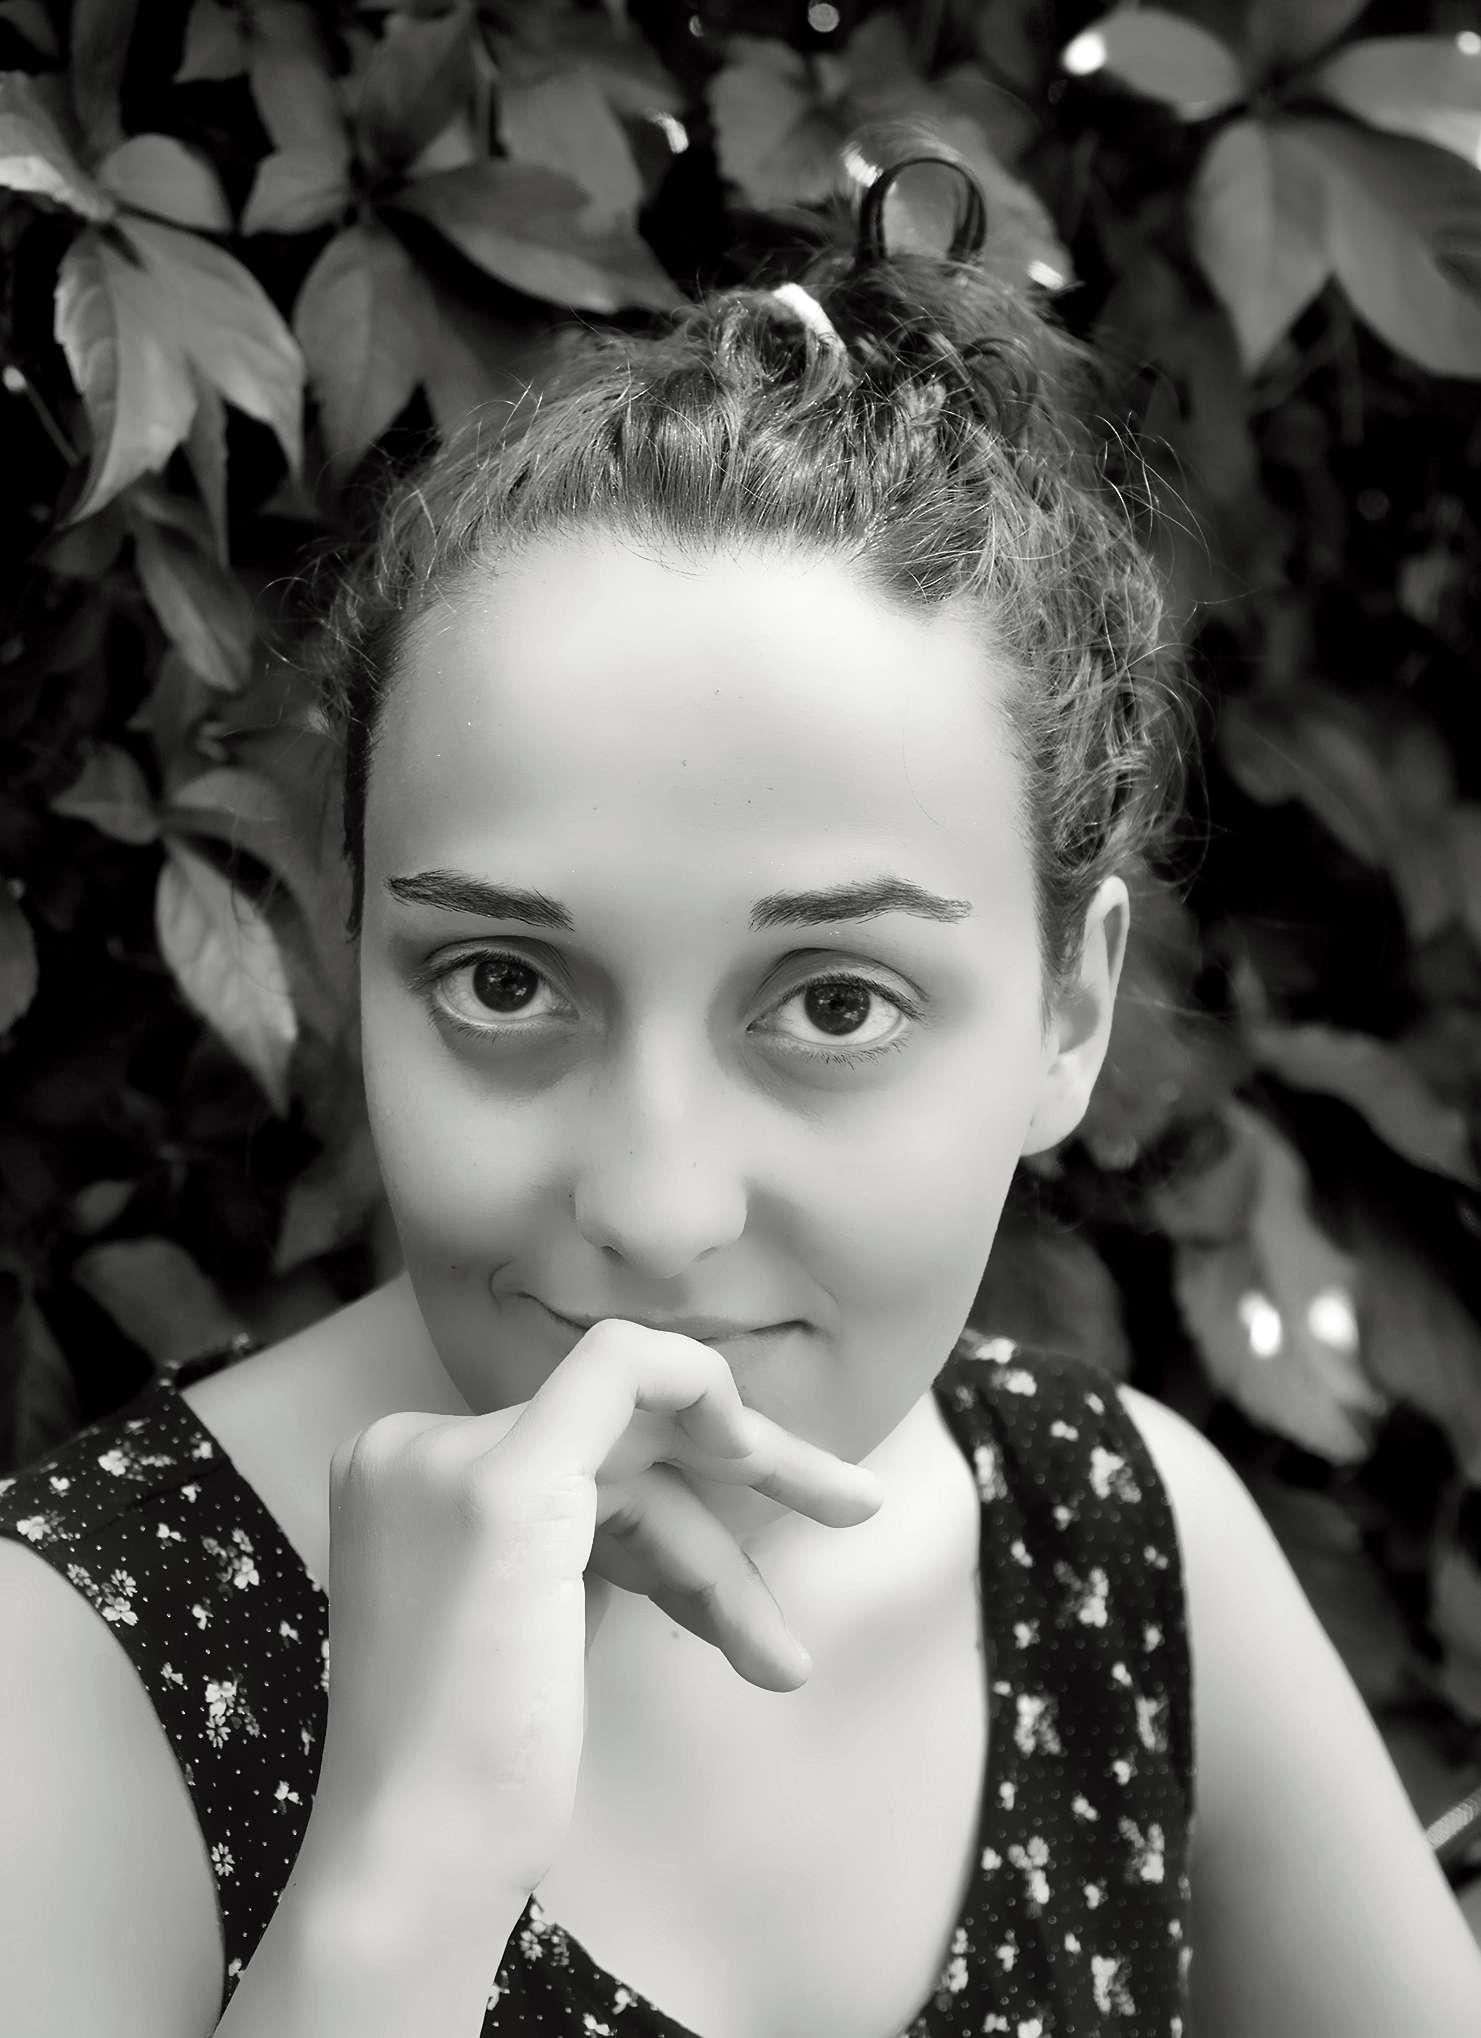 MARIA en Retratosdsc2280s.jpg